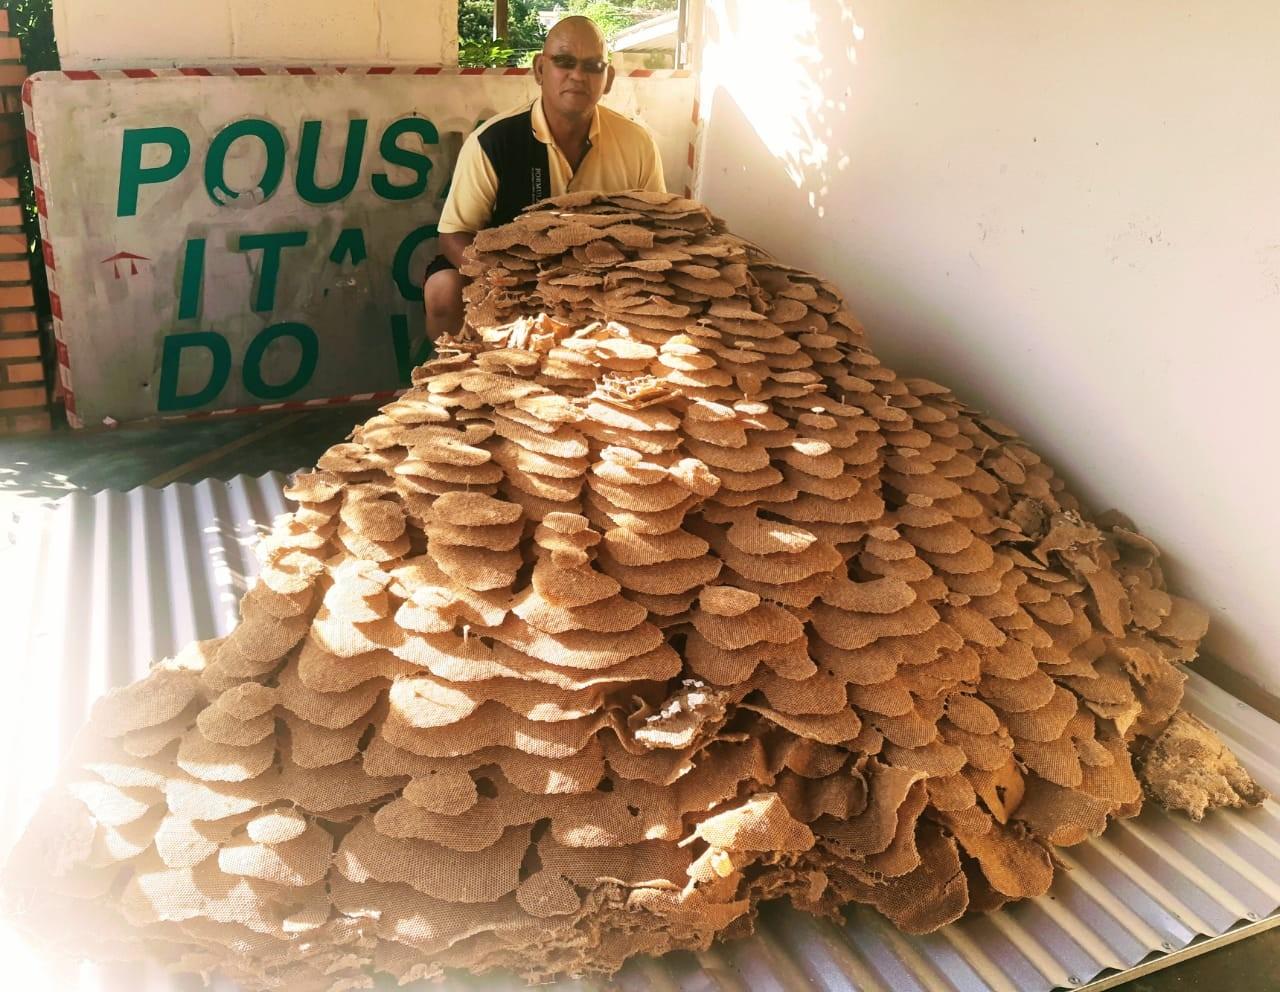 Moradores encontram ninho gigante de vespas em SP: 'Assustador'